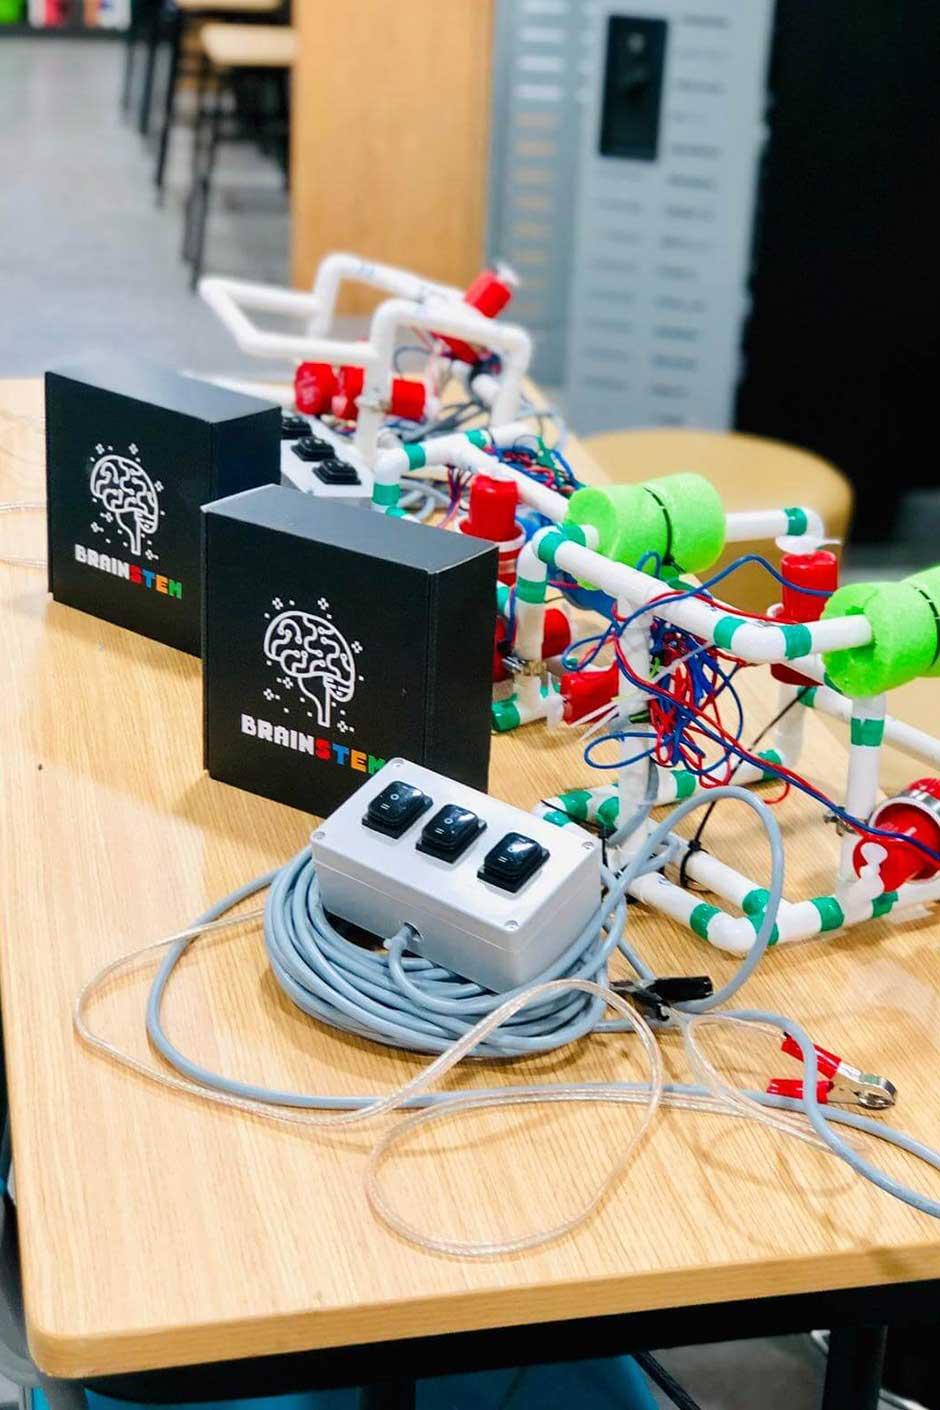 BrainSTEM Custom Mailer Box Robotics Kit